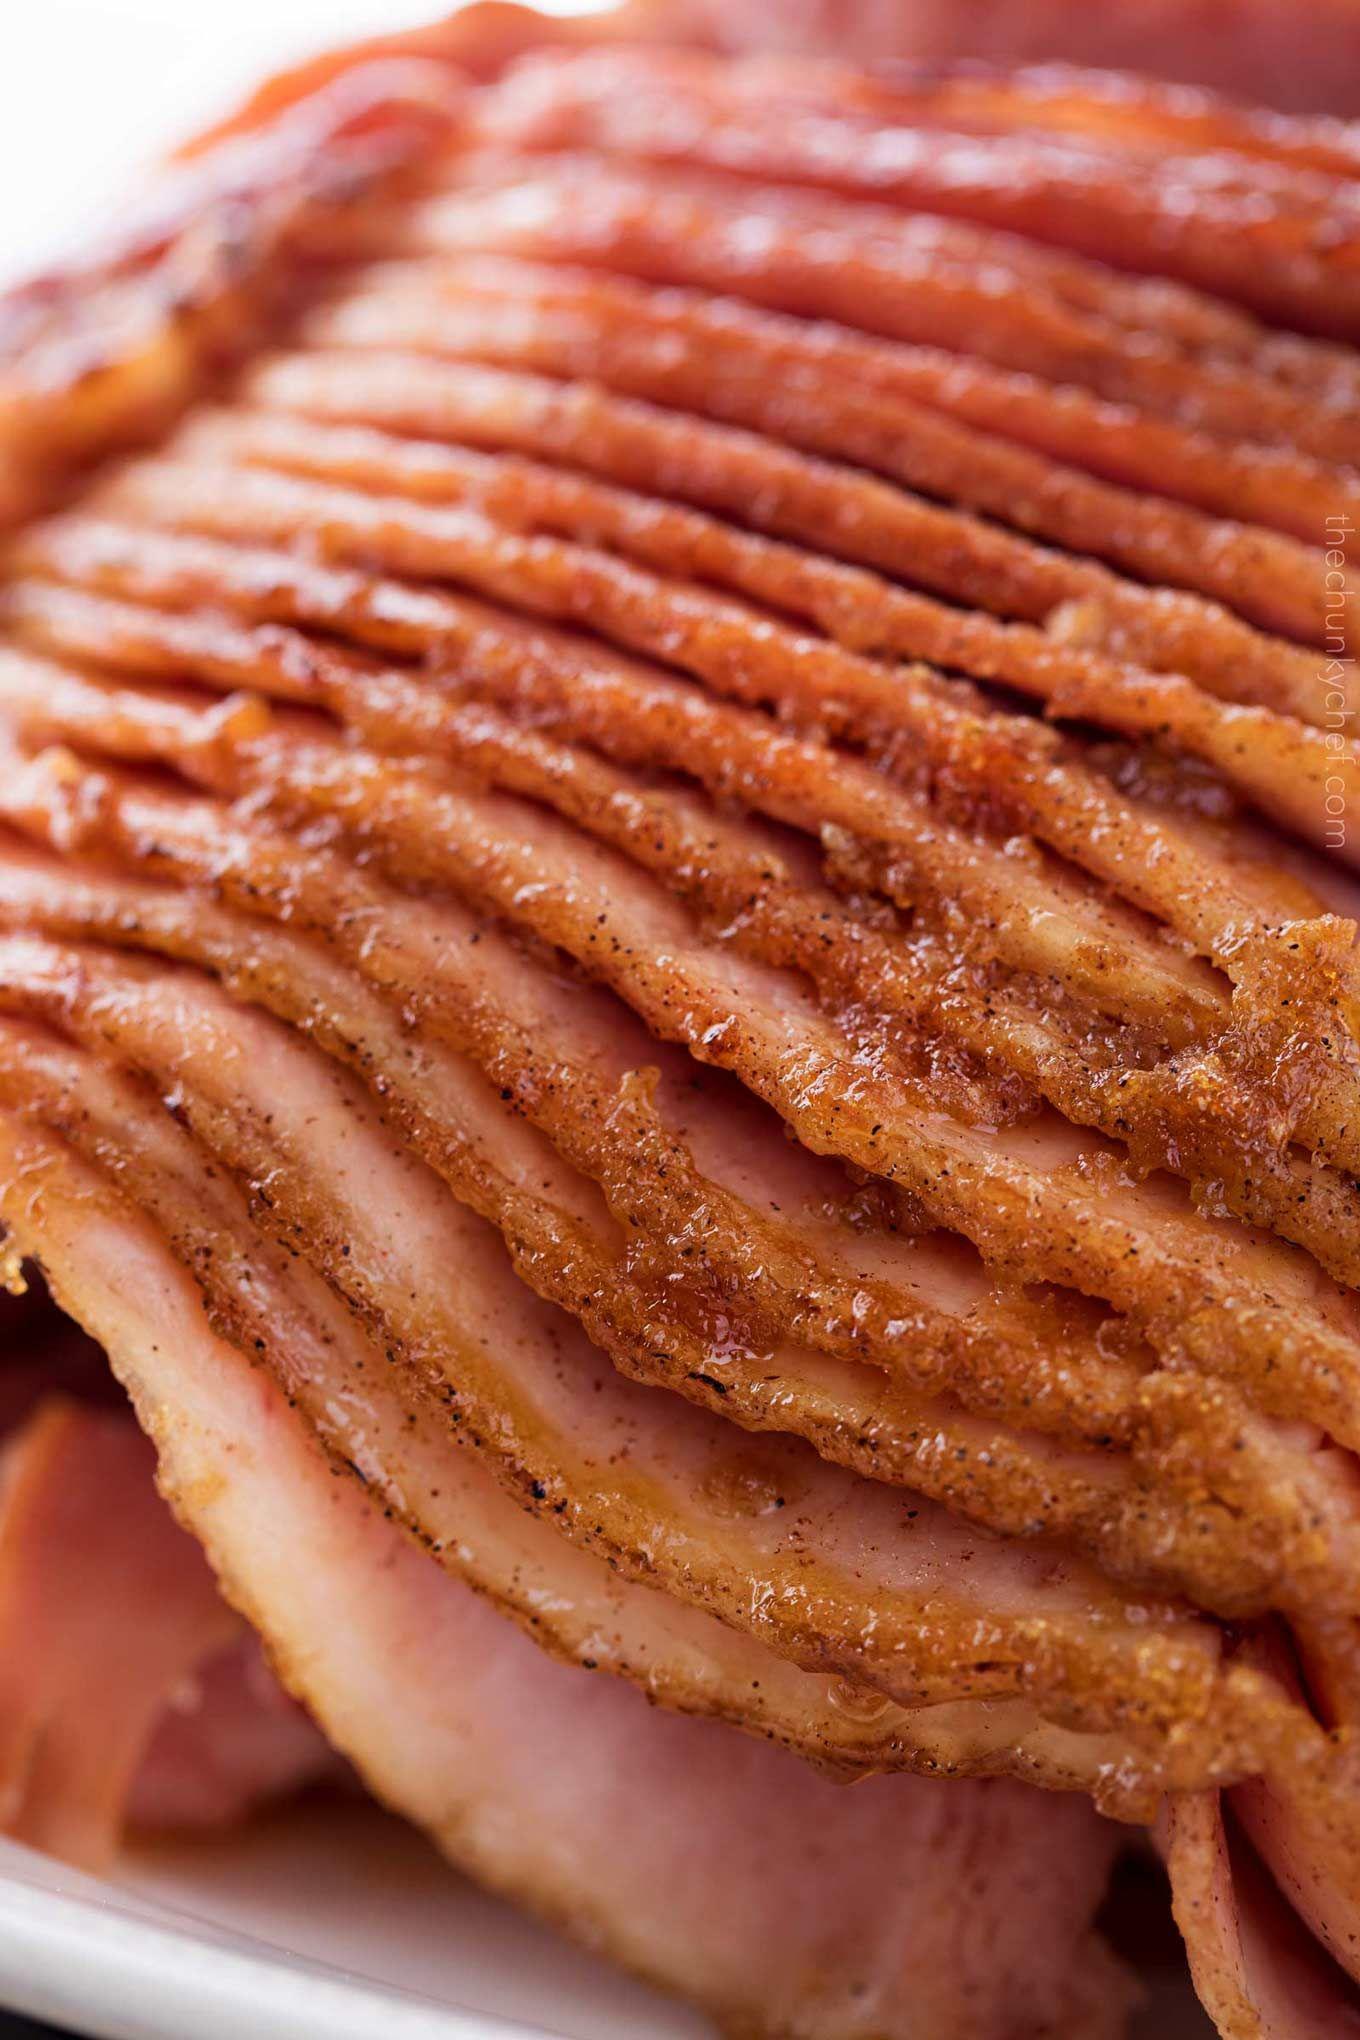 Slices of honey baked ham with glaze Honey baked ham